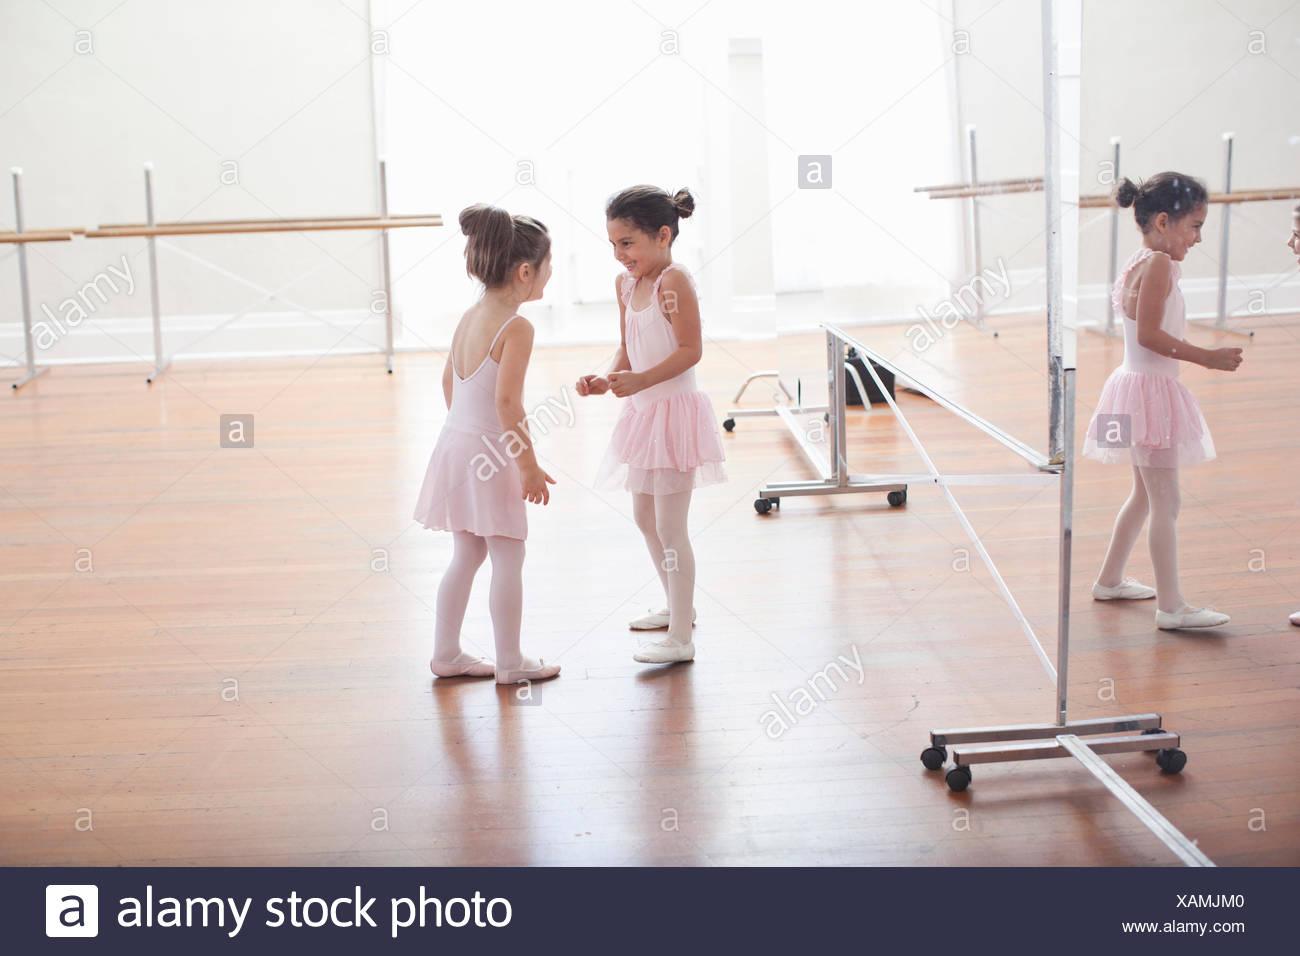 Zwei Kinder Ballerinas Chat in der Ballettschule Stockfoto